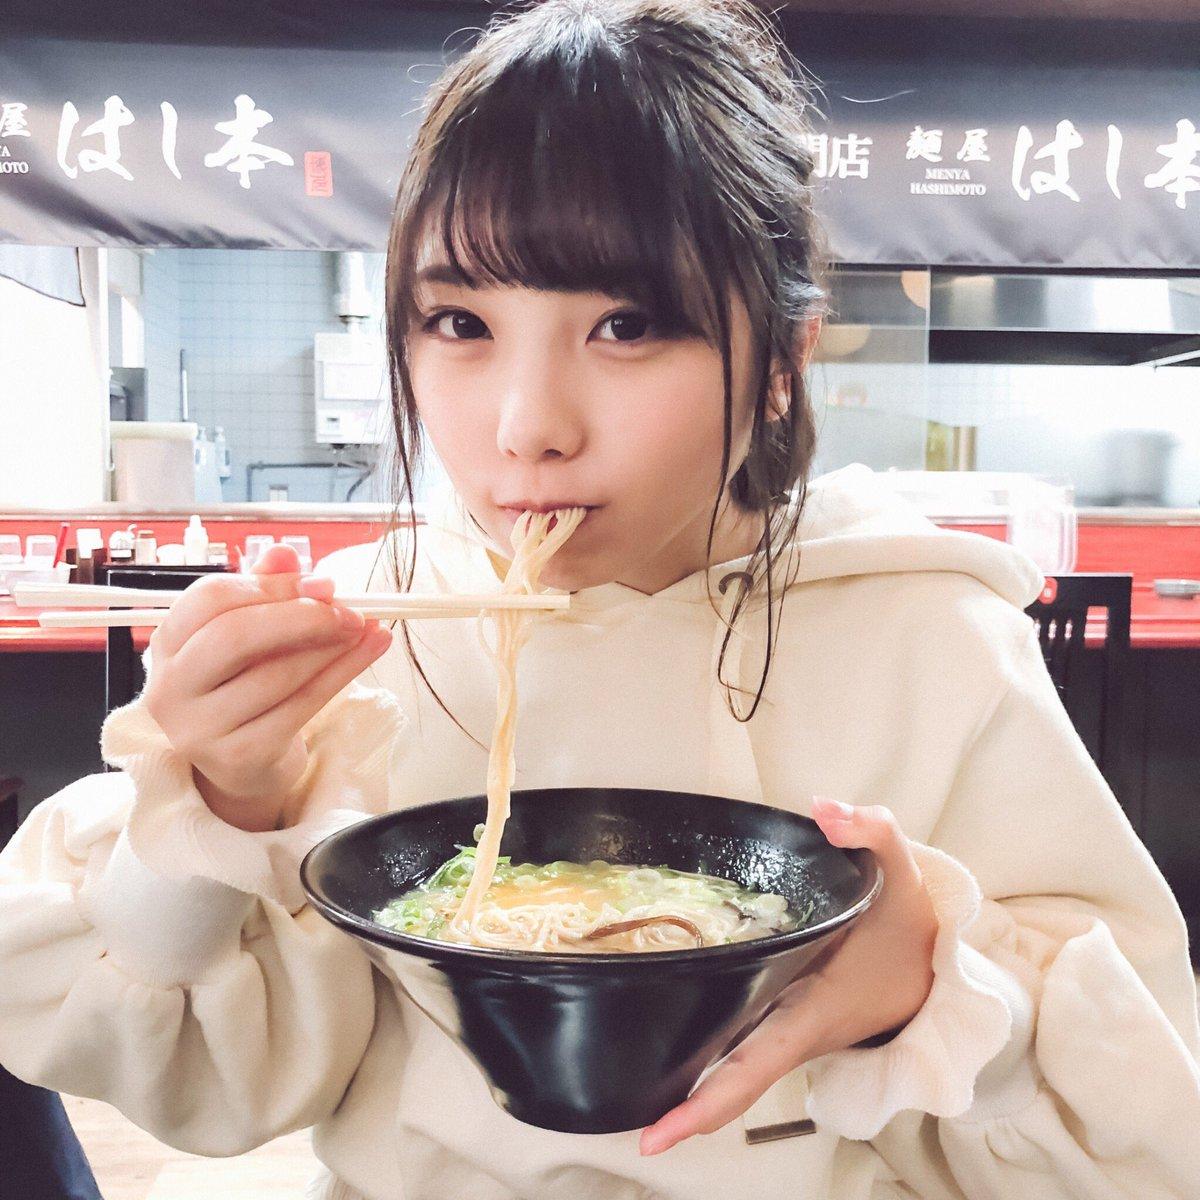 濃厚な豚骨スープに、ネギときくらげがアクセントですっ。 替え玉も必須だよ♡  #与田祐希 #与田ちゃん #...